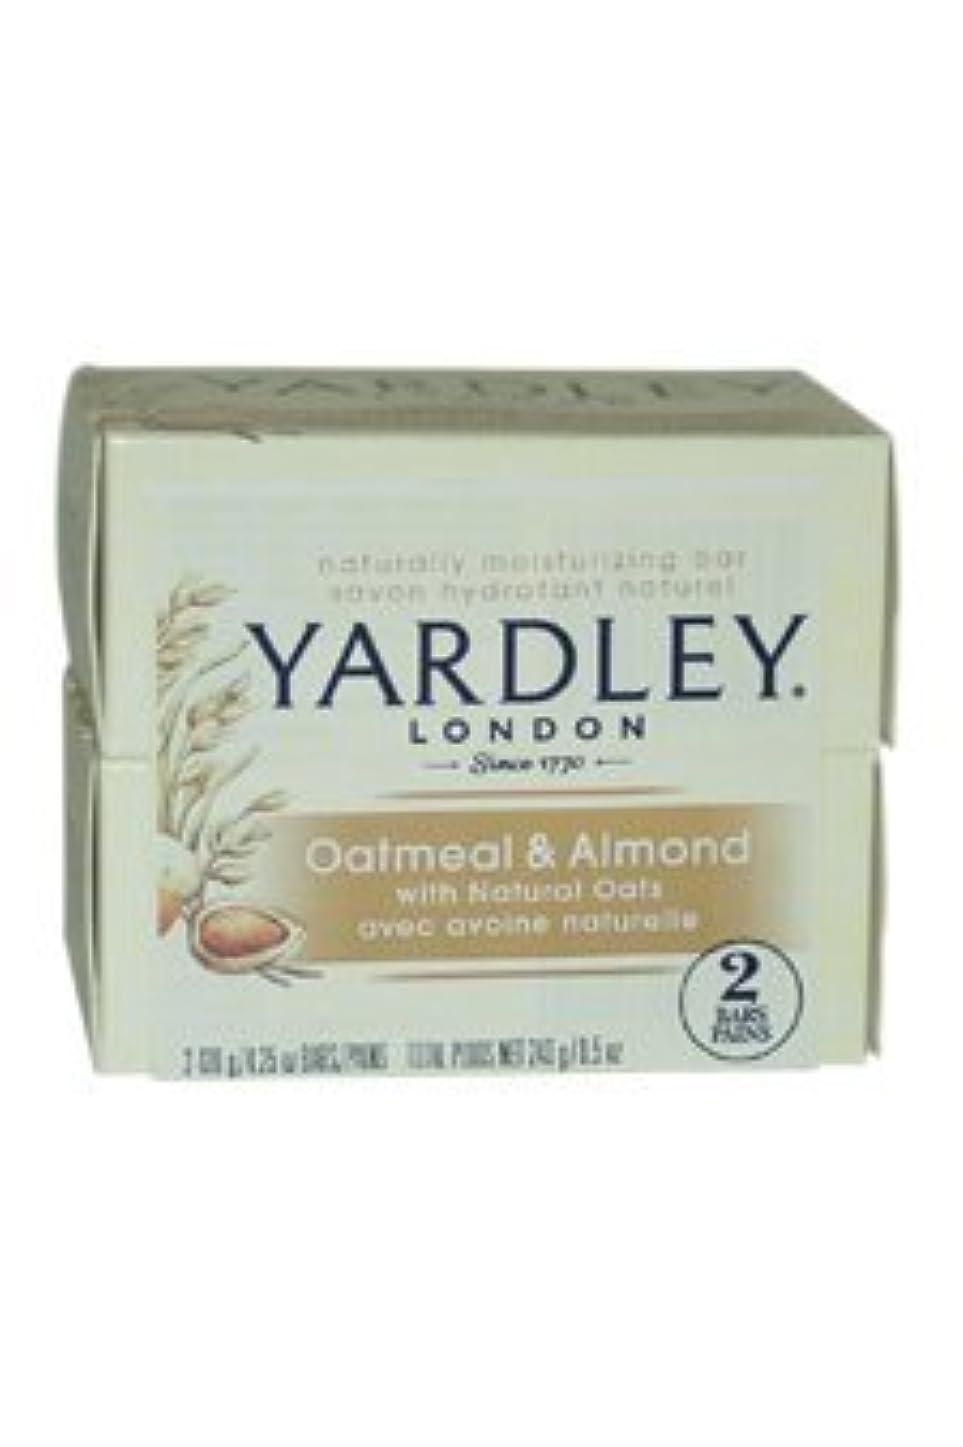 遺体安置所役立つオゾンOatmeal and Almond Bar Soap by Yardley - 2 x 4.25 oz Soap by Yardley [並行輸入品]